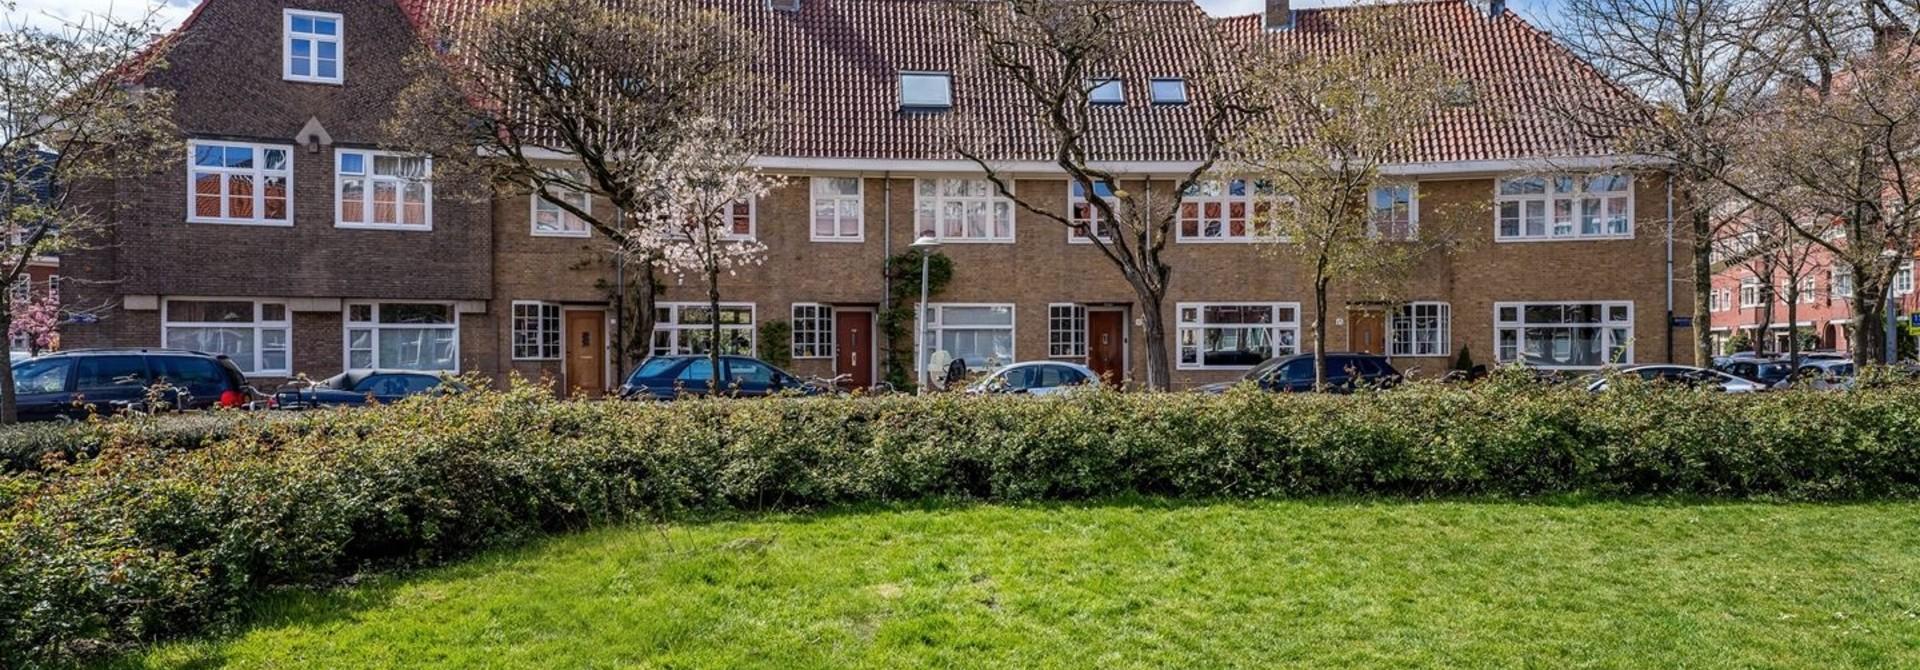 Bachplein Amsterdam Oud Zuid